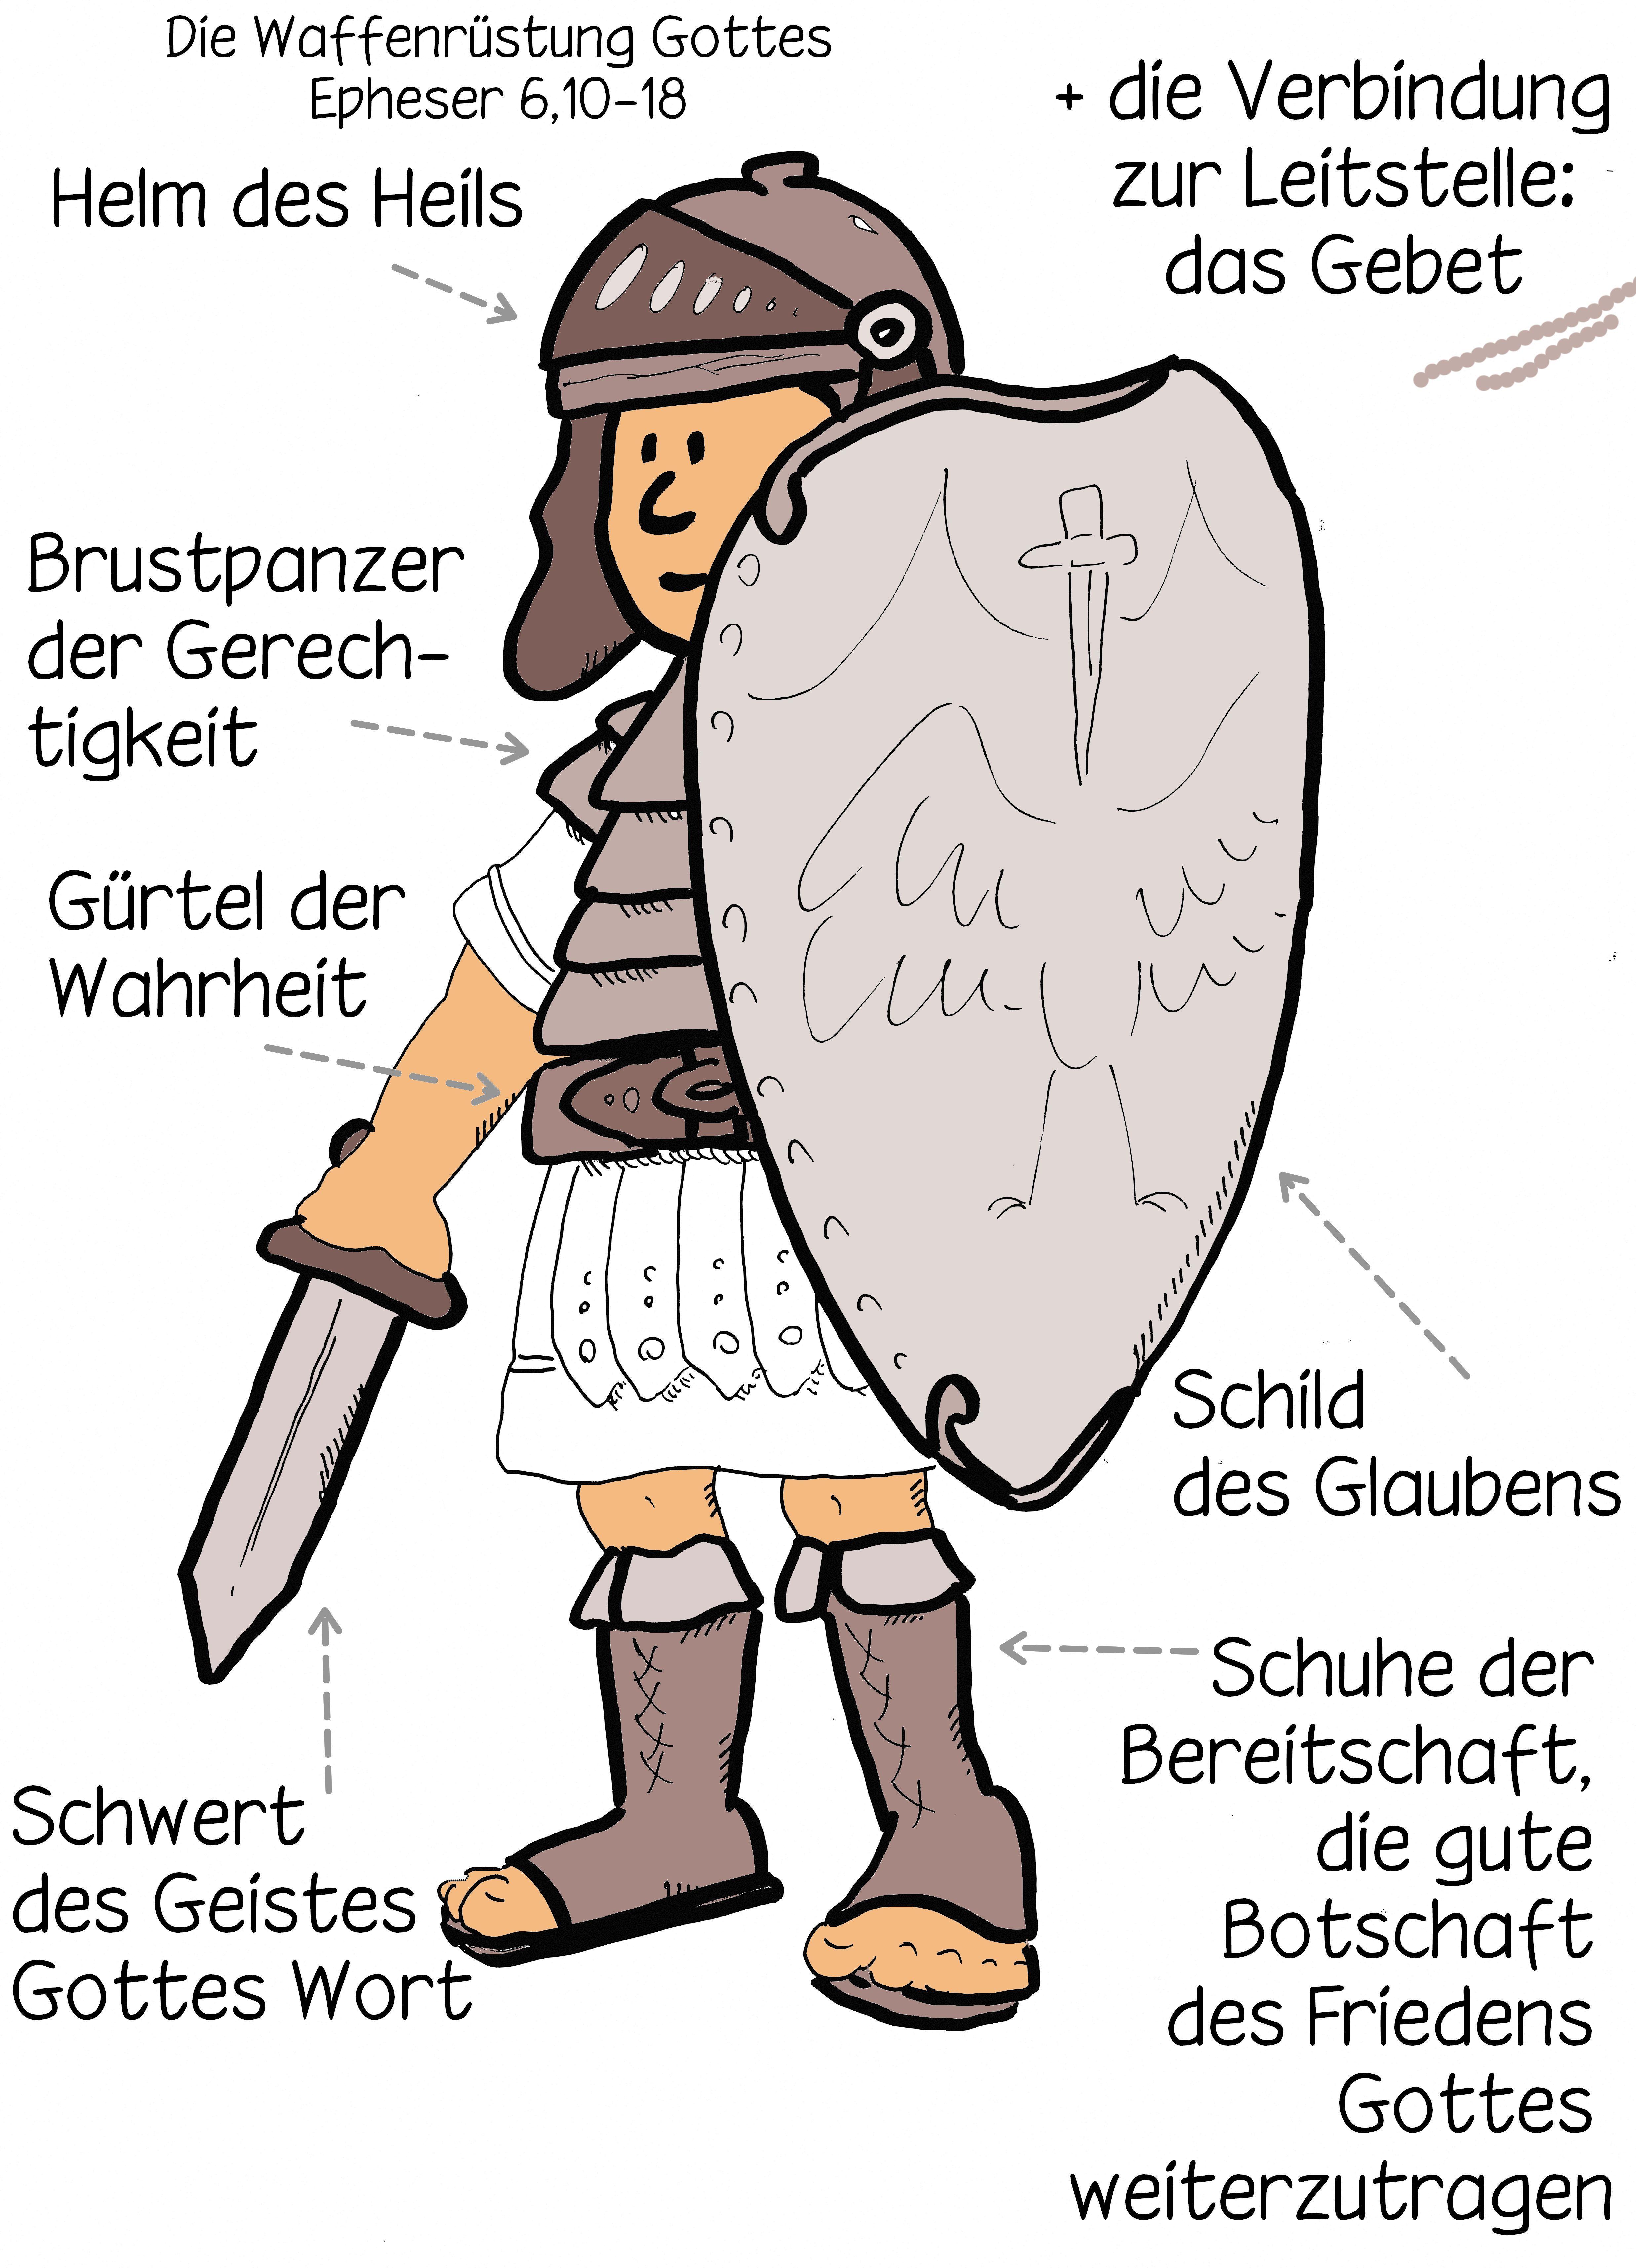 Die Waffenrüstung Gottes Epheser 6,10-18 | Waffenrüstung